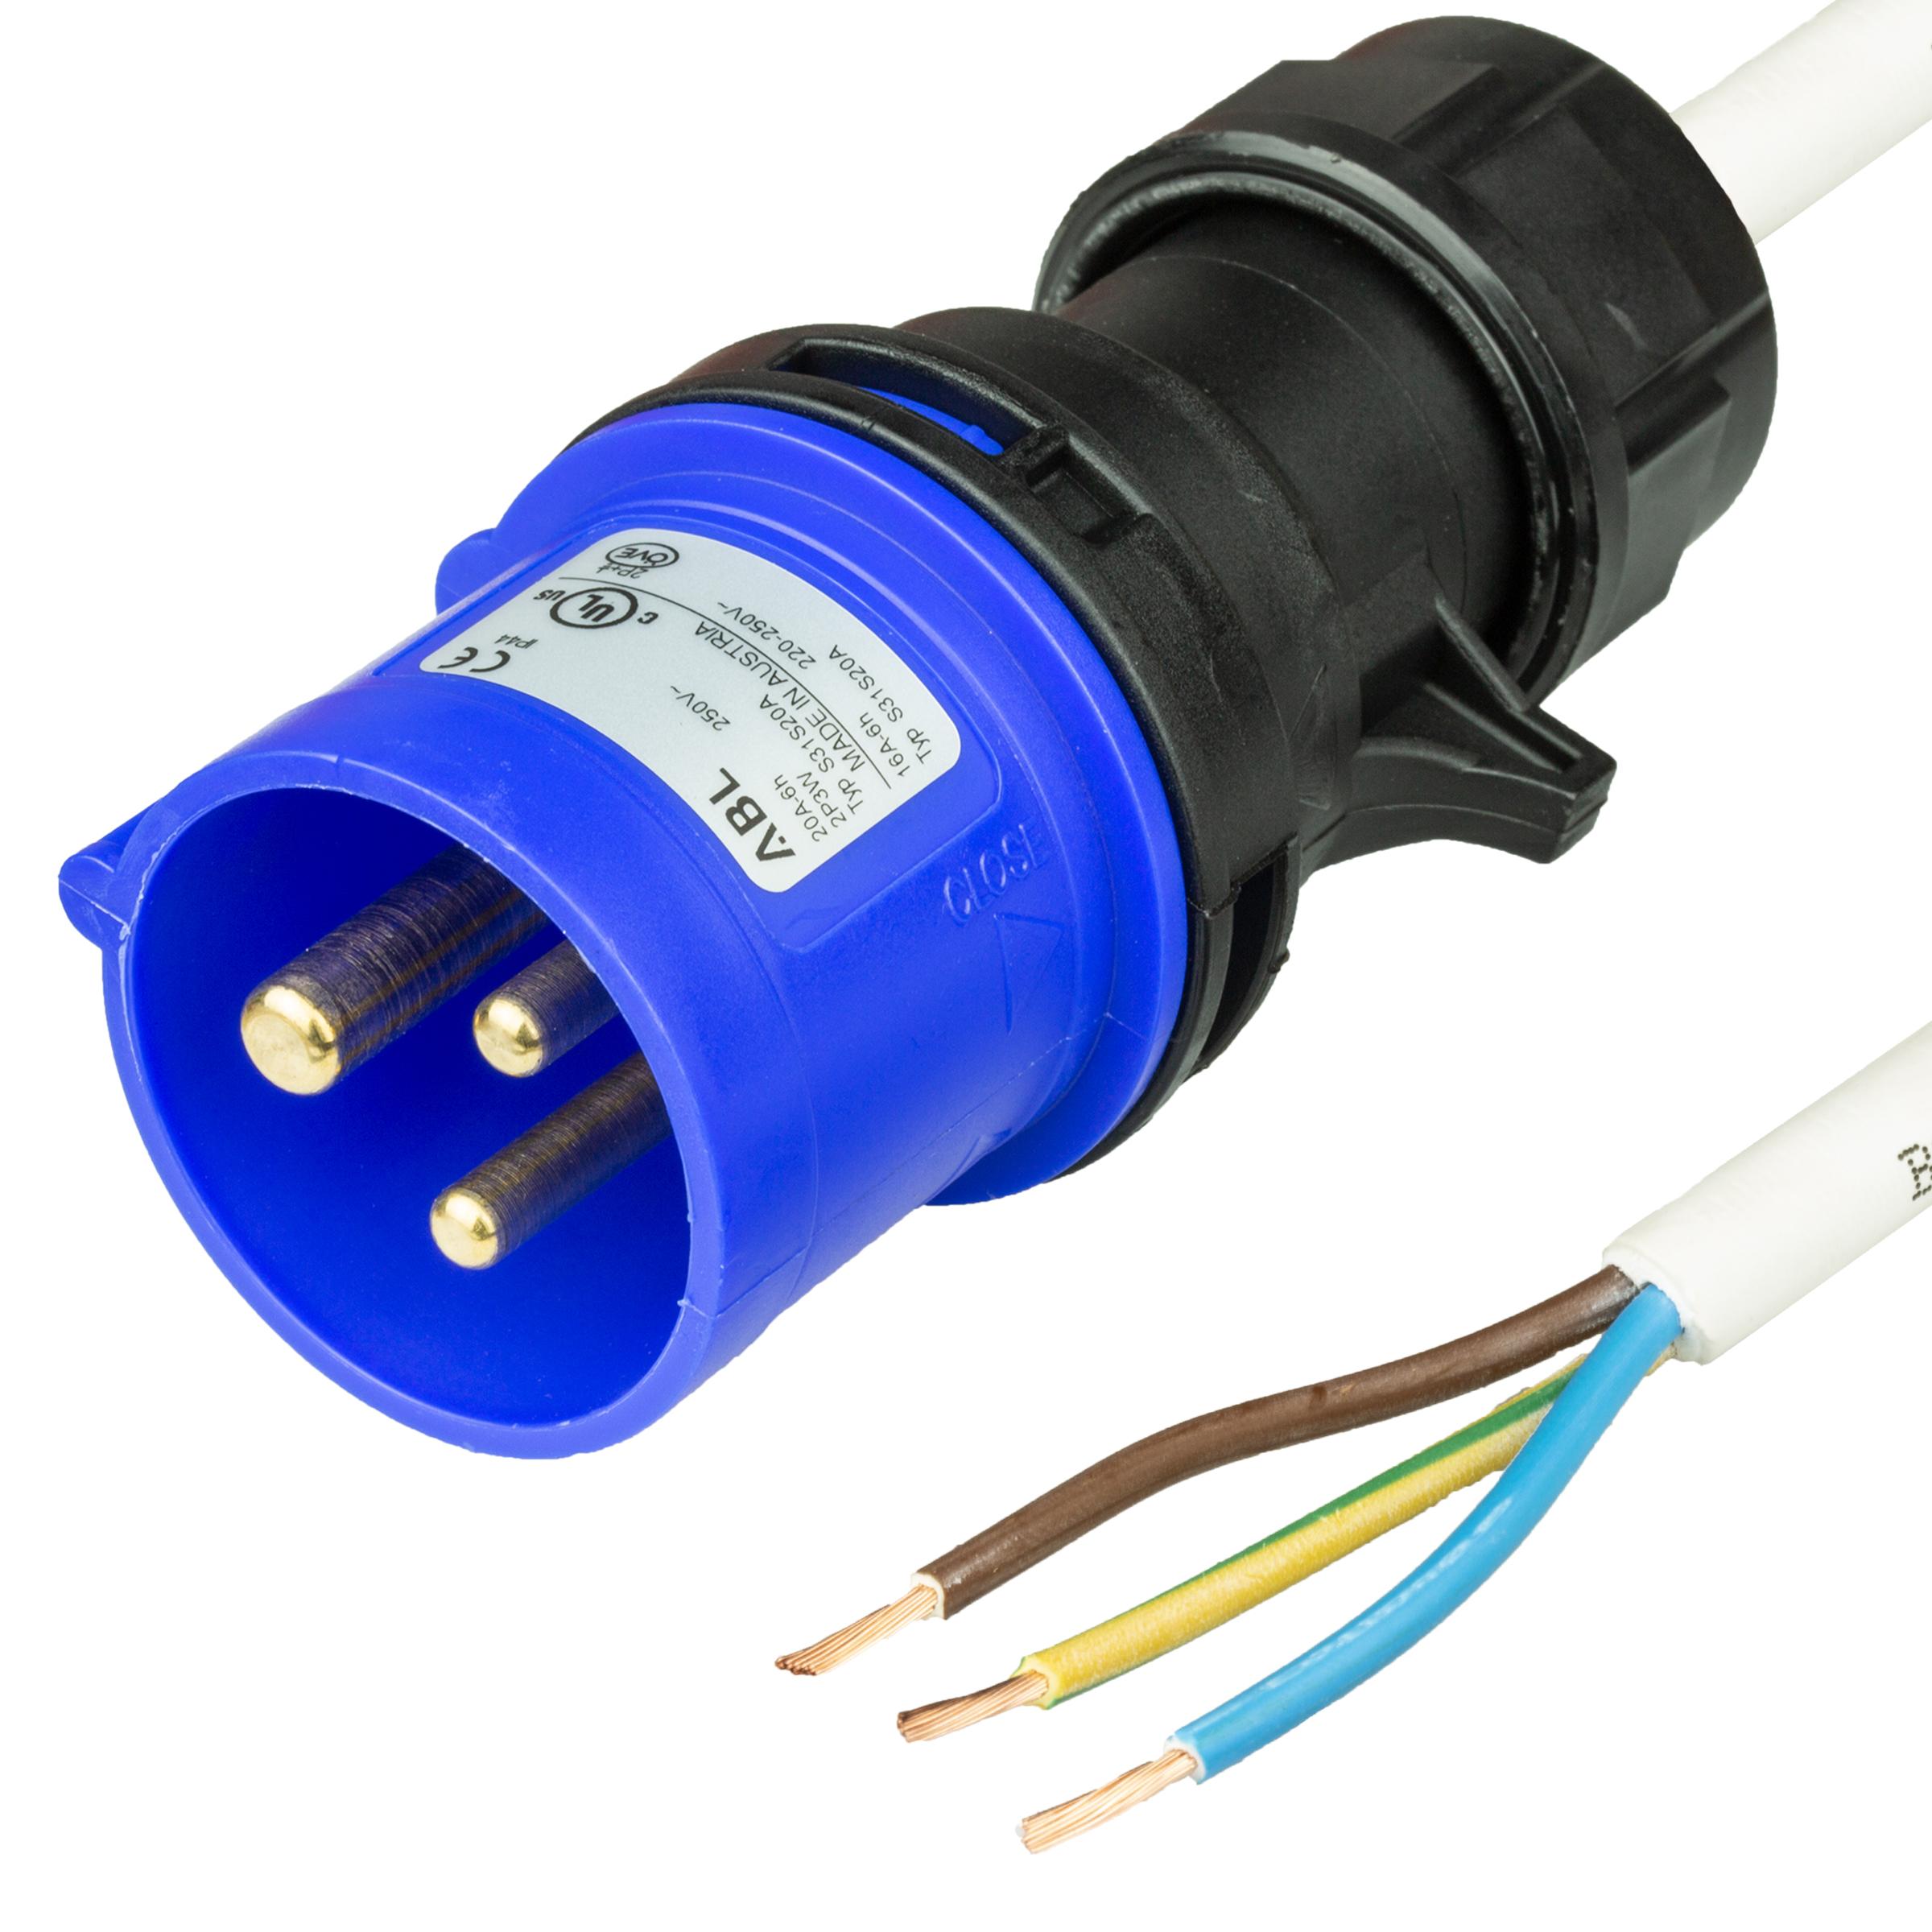 Photo of 1m (3.25FT) IEC60309 6H 2P+E BLUE PLUG to OPEN 1.5mm2 LSZH WHITE Cordage